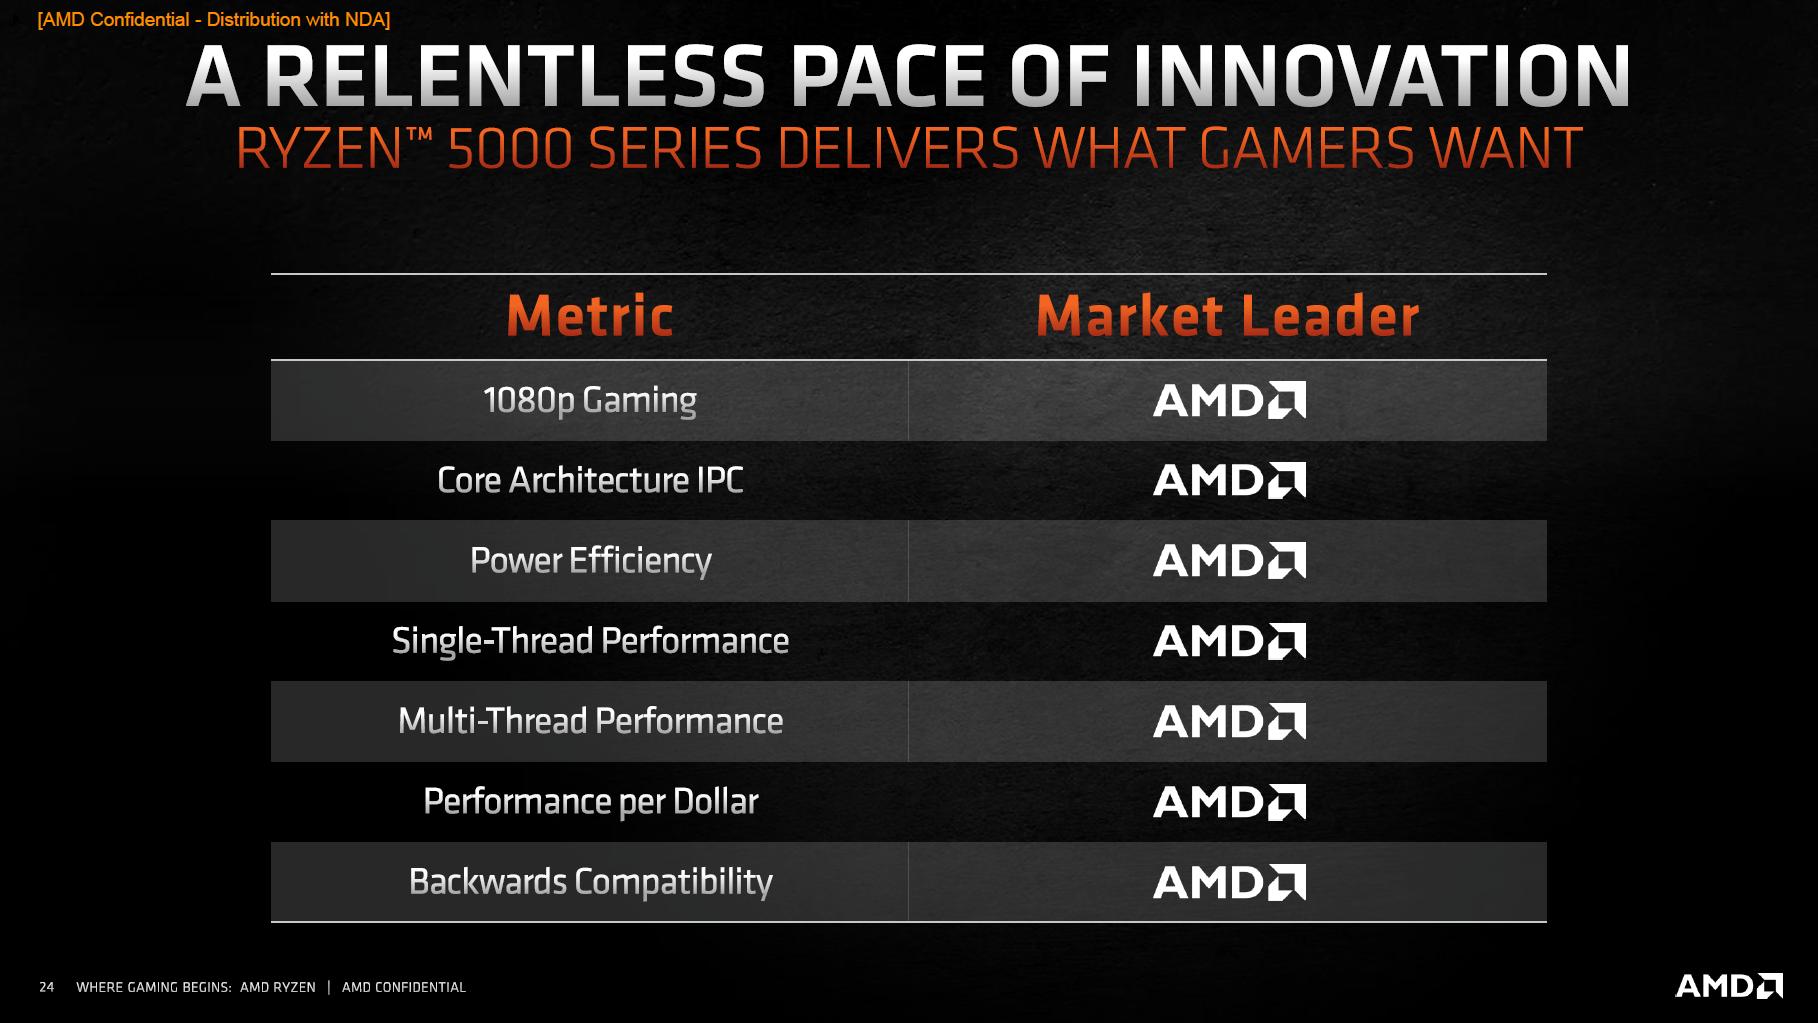 AMD sieht sich als Marktführer in allen Bereichen